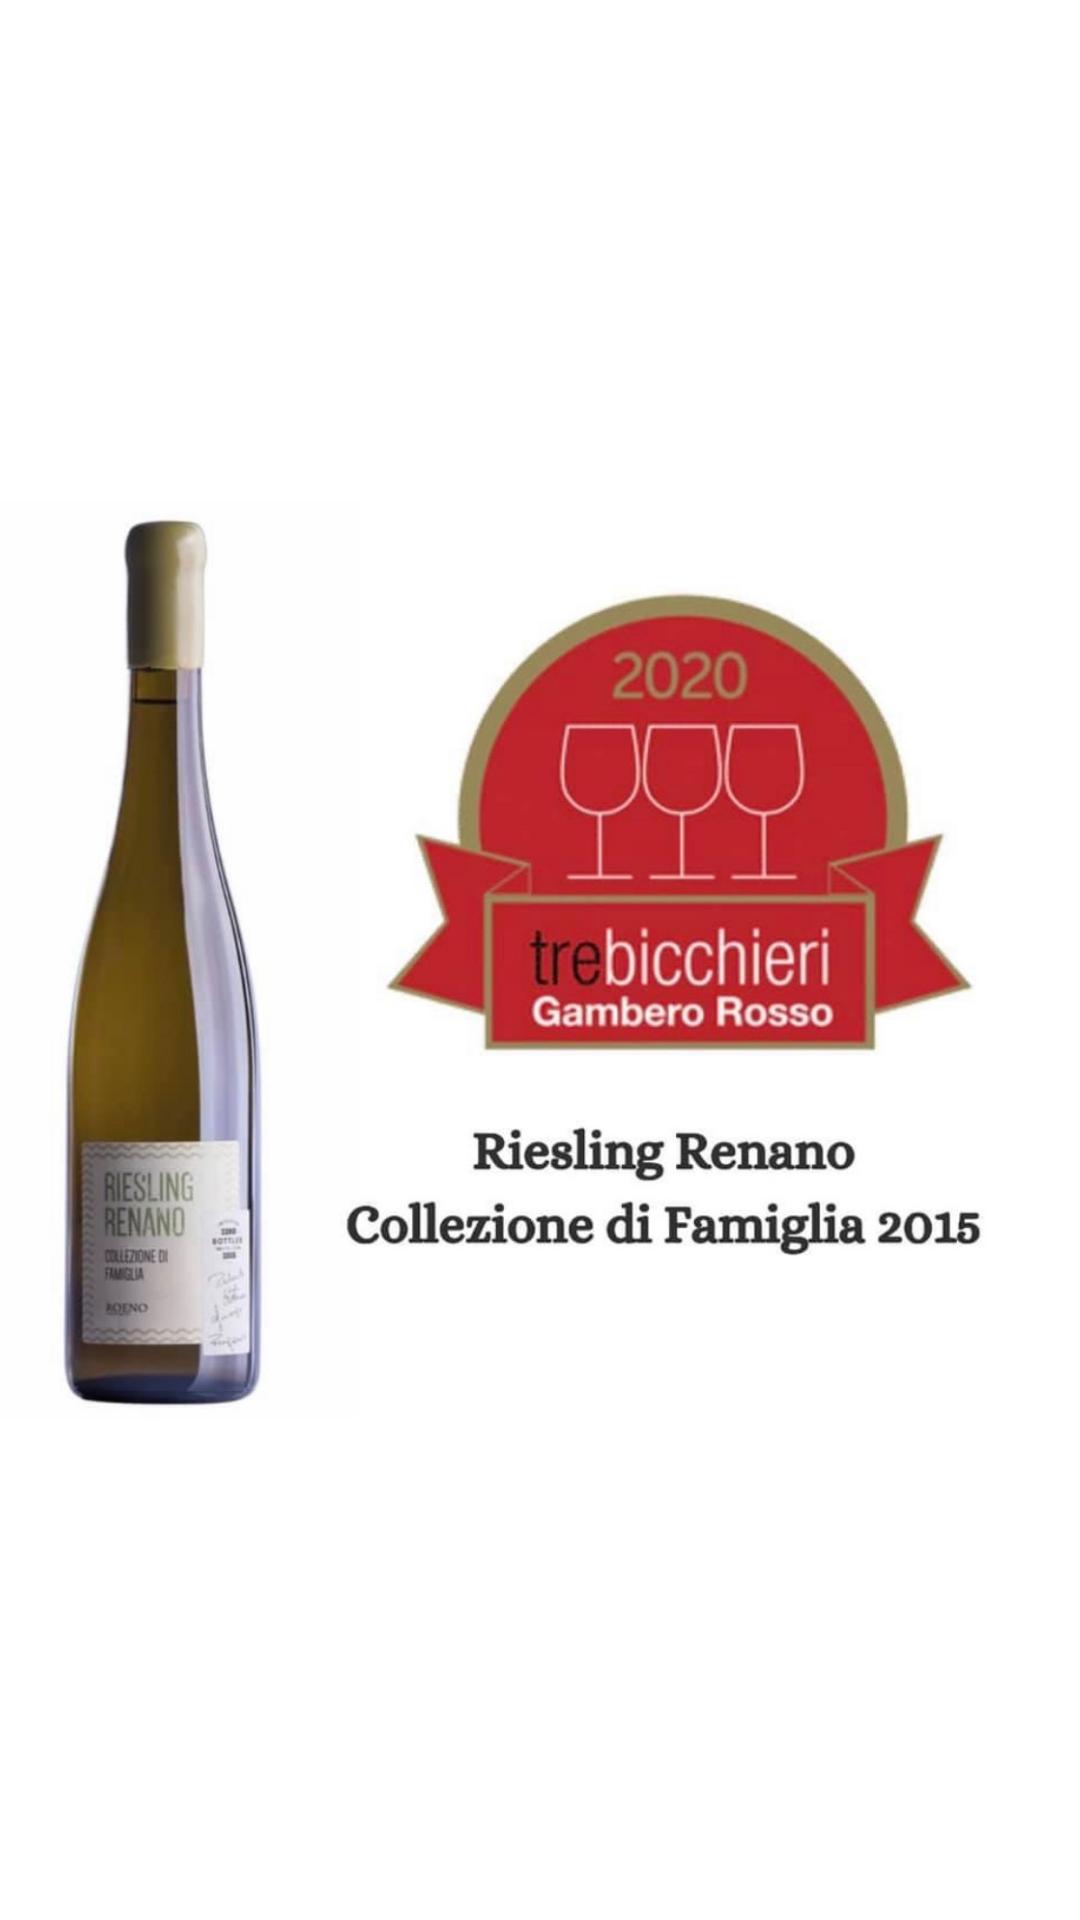 Riesling Renano Collezione di Famiglia 2015 – Tre Bicchieri Gambero Rosso